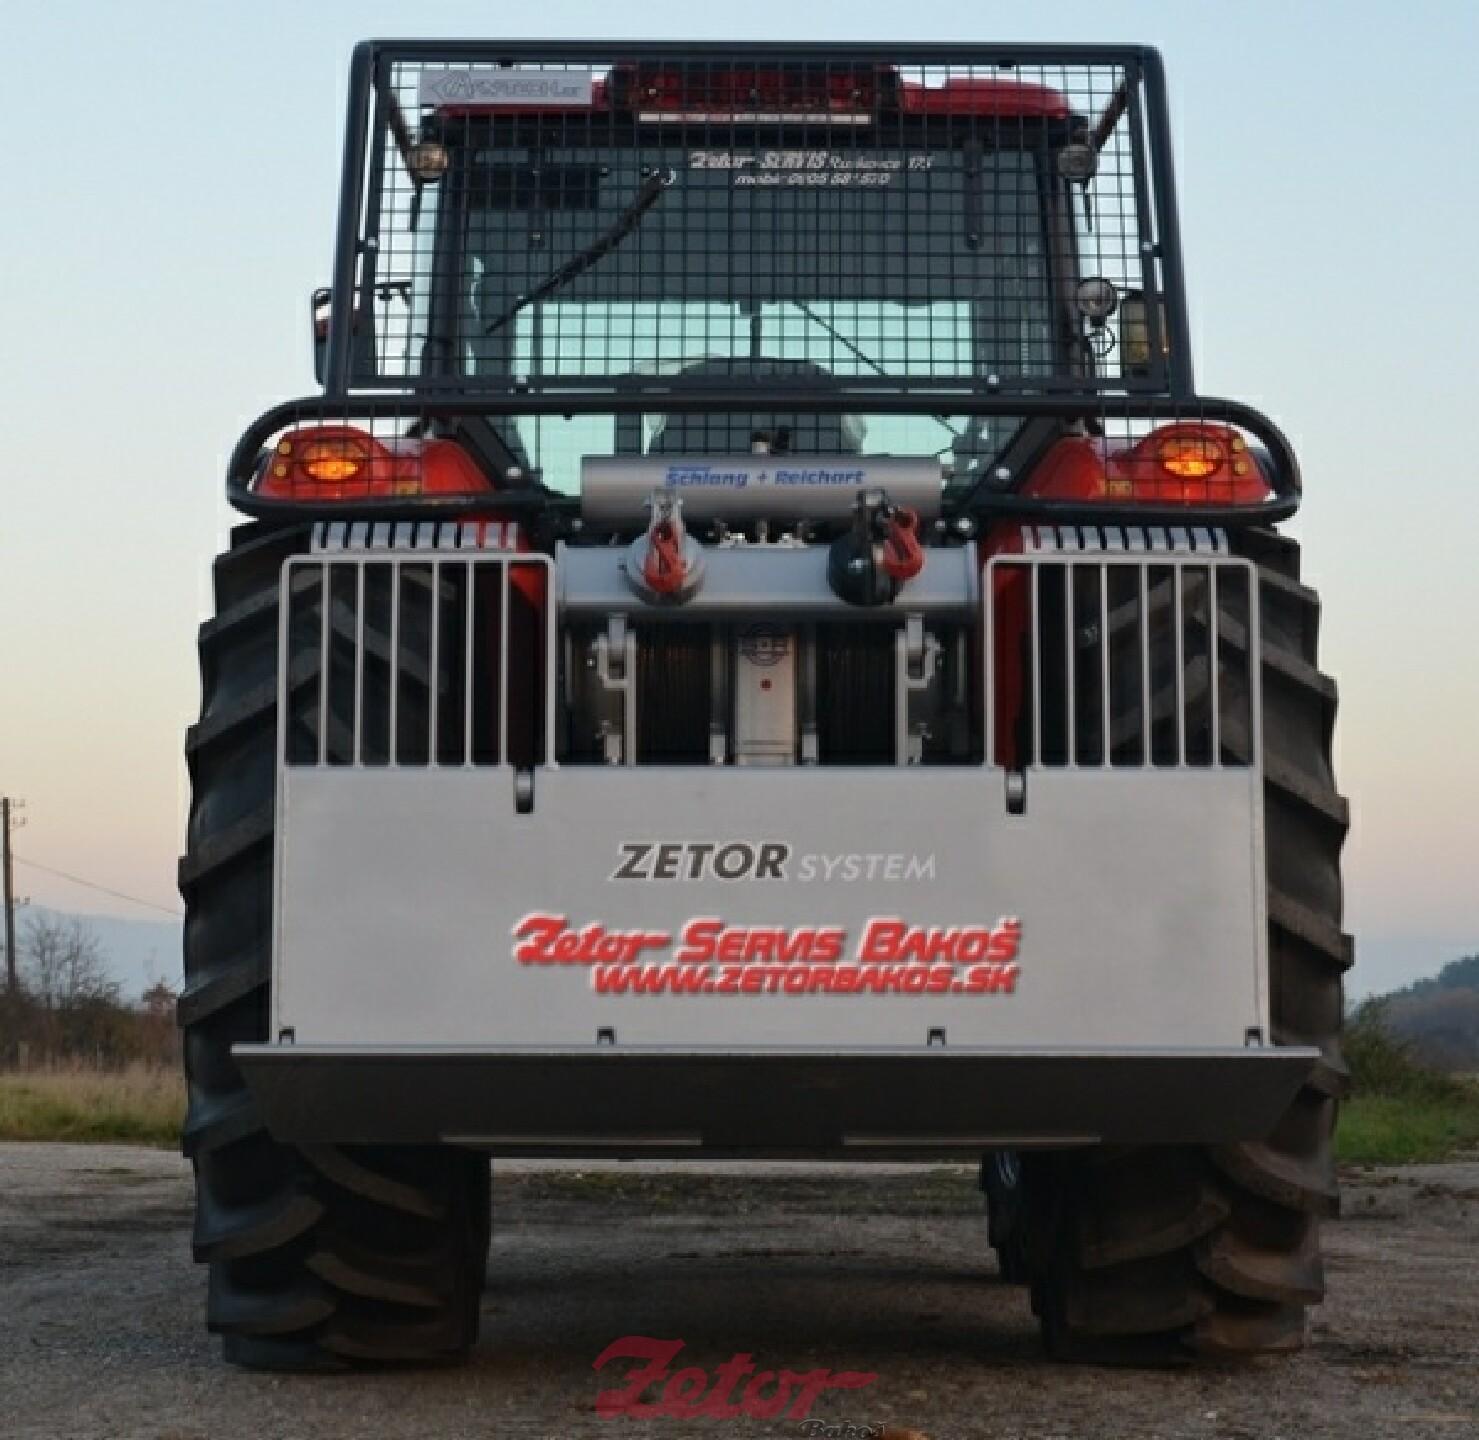 Zetor-bakos-g190